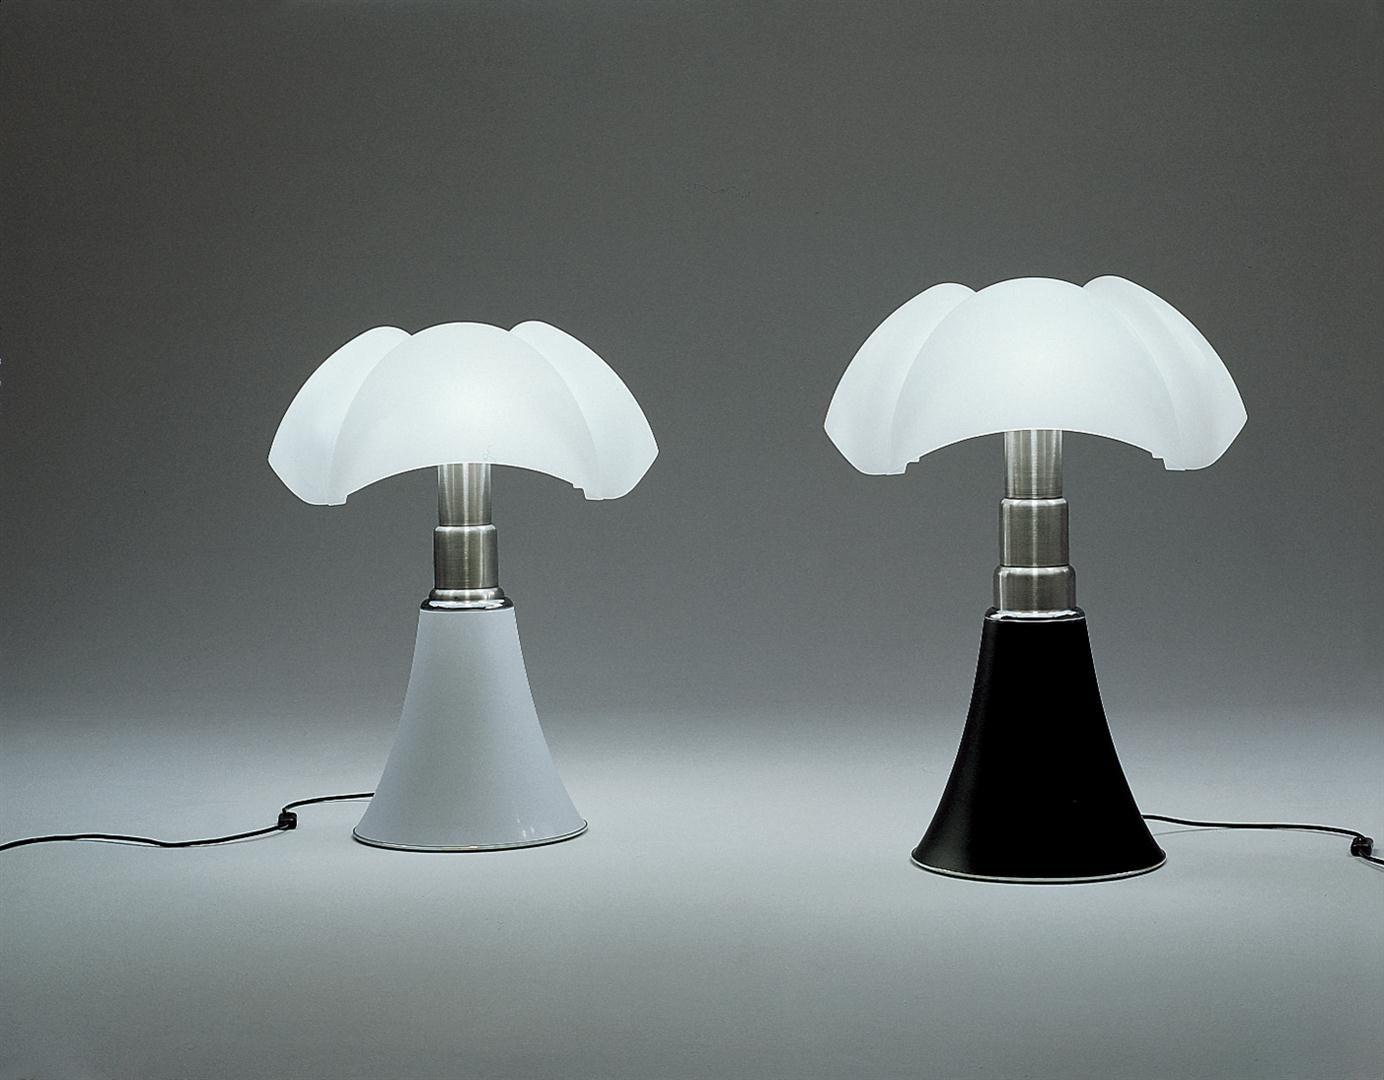 Martinelli Luce Presenta Le Lampade Profiterolle Shangai E Pipistrello Lampade Luci Design